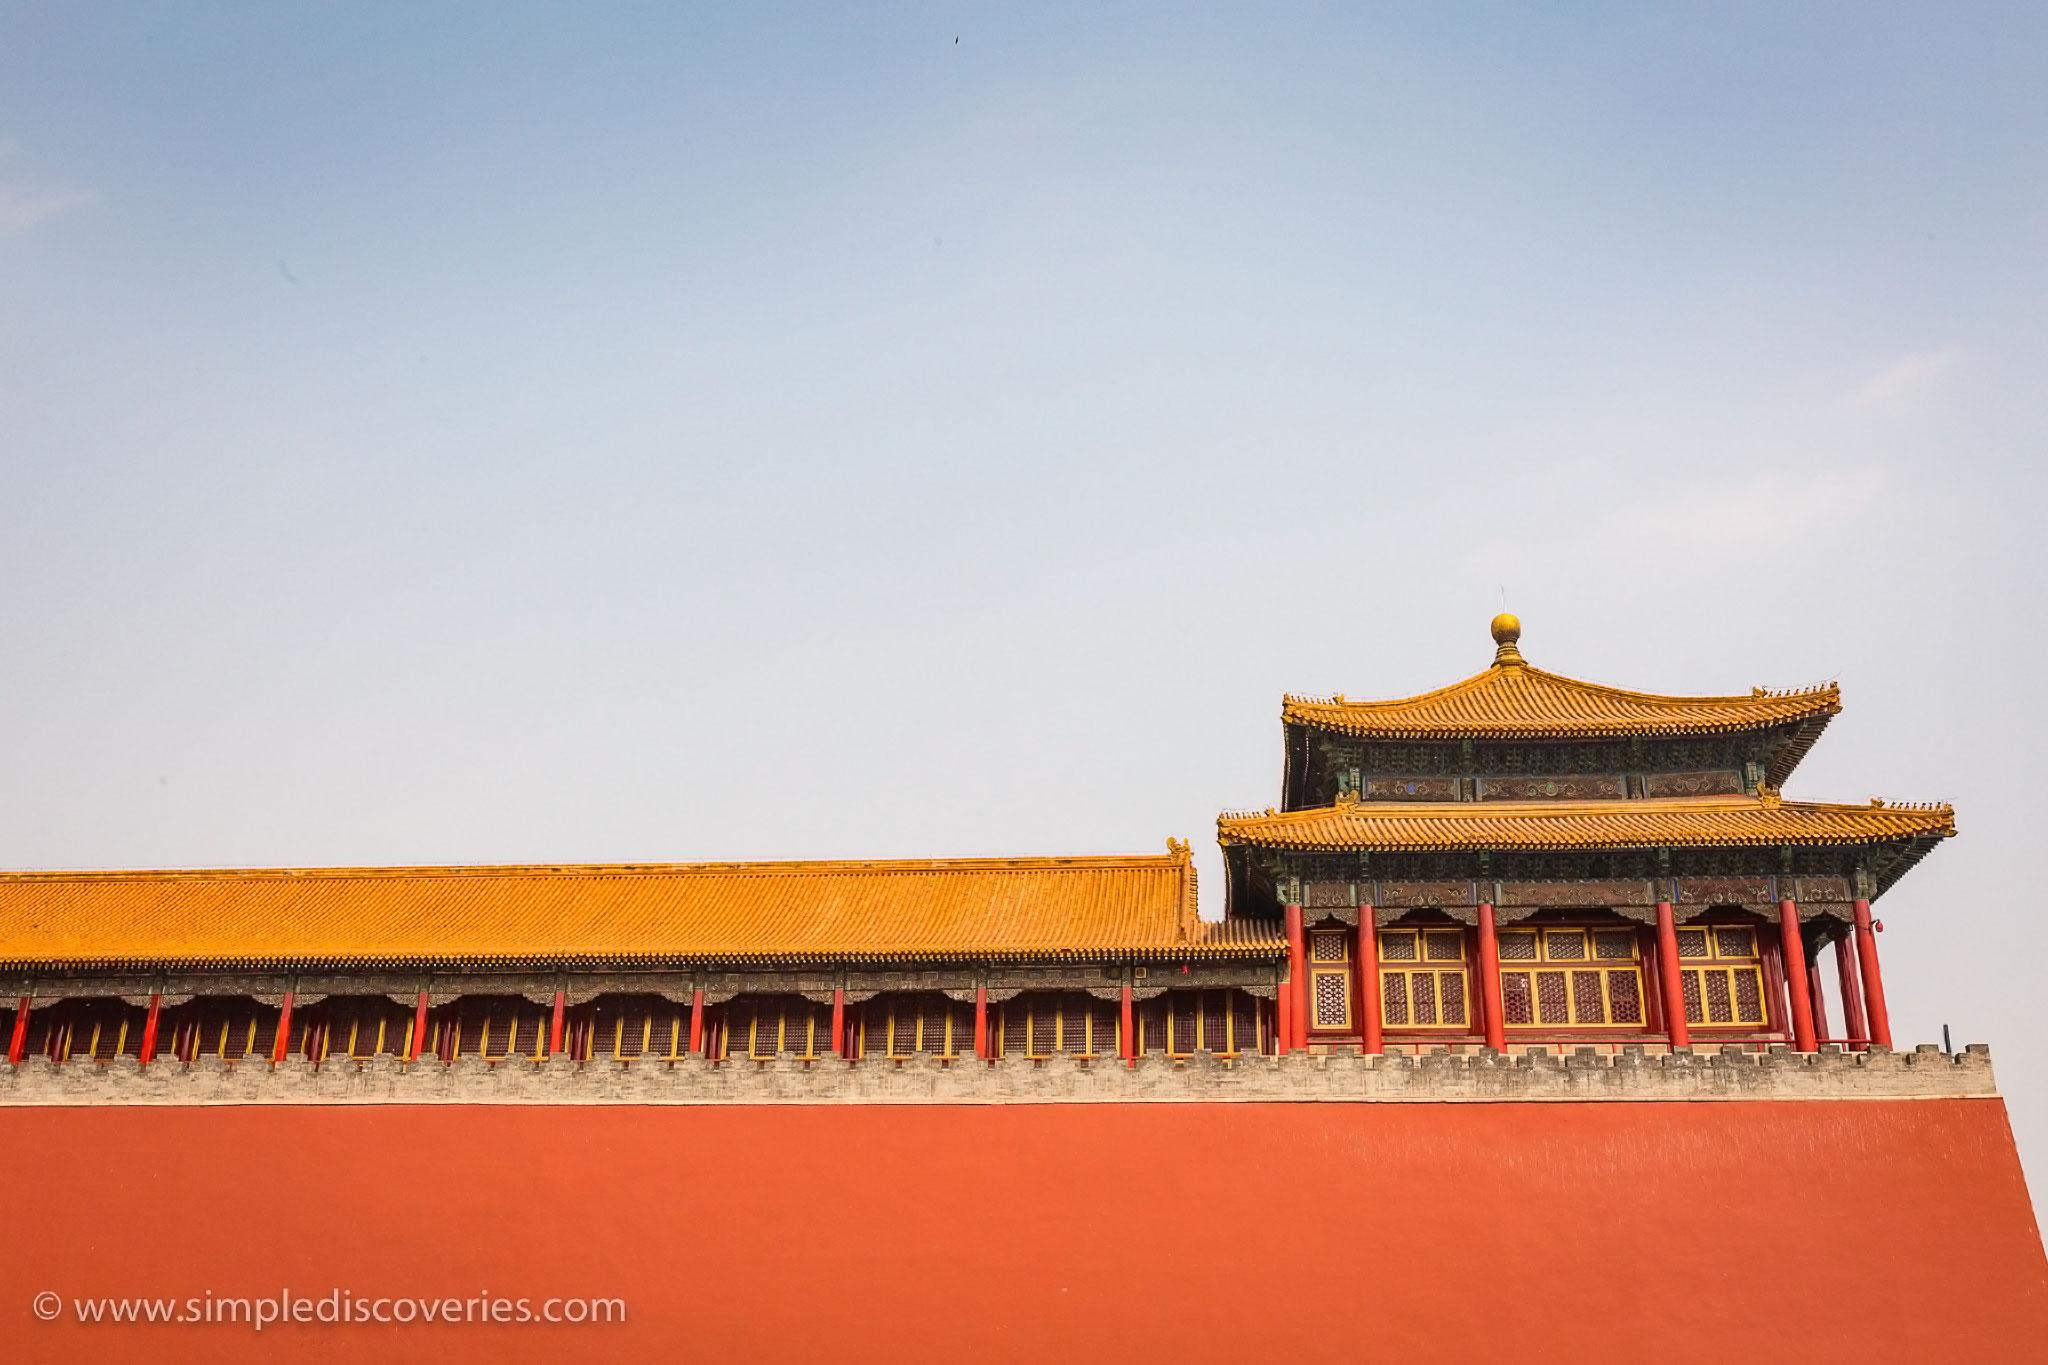 forbidden_city_walls_china